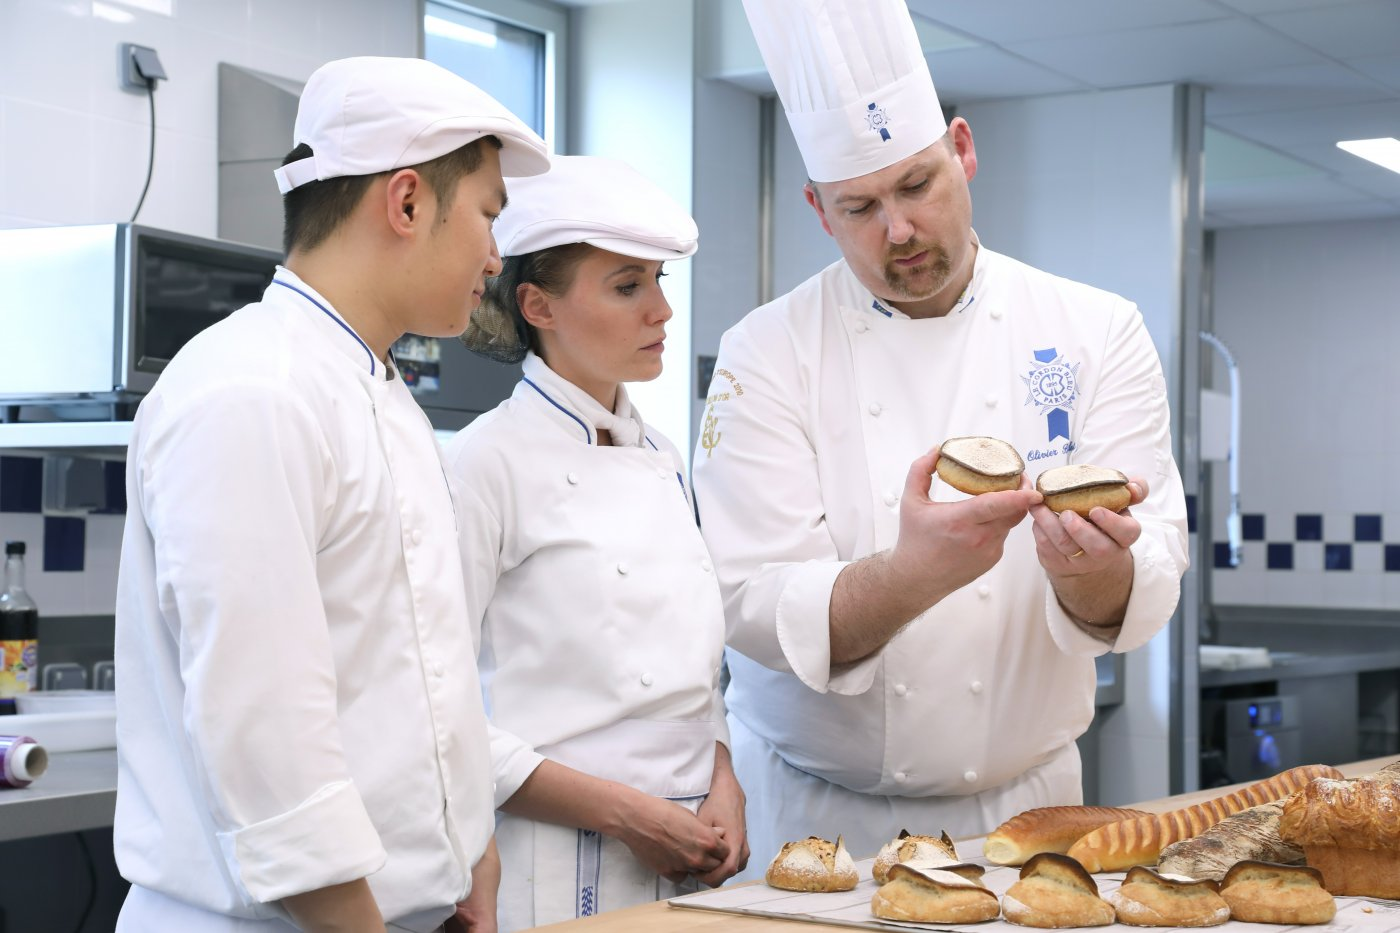 cordon-bleu-paris-a-paris-une-opportunite-pour-apprendre-aupres-des-plus-grands-chefs